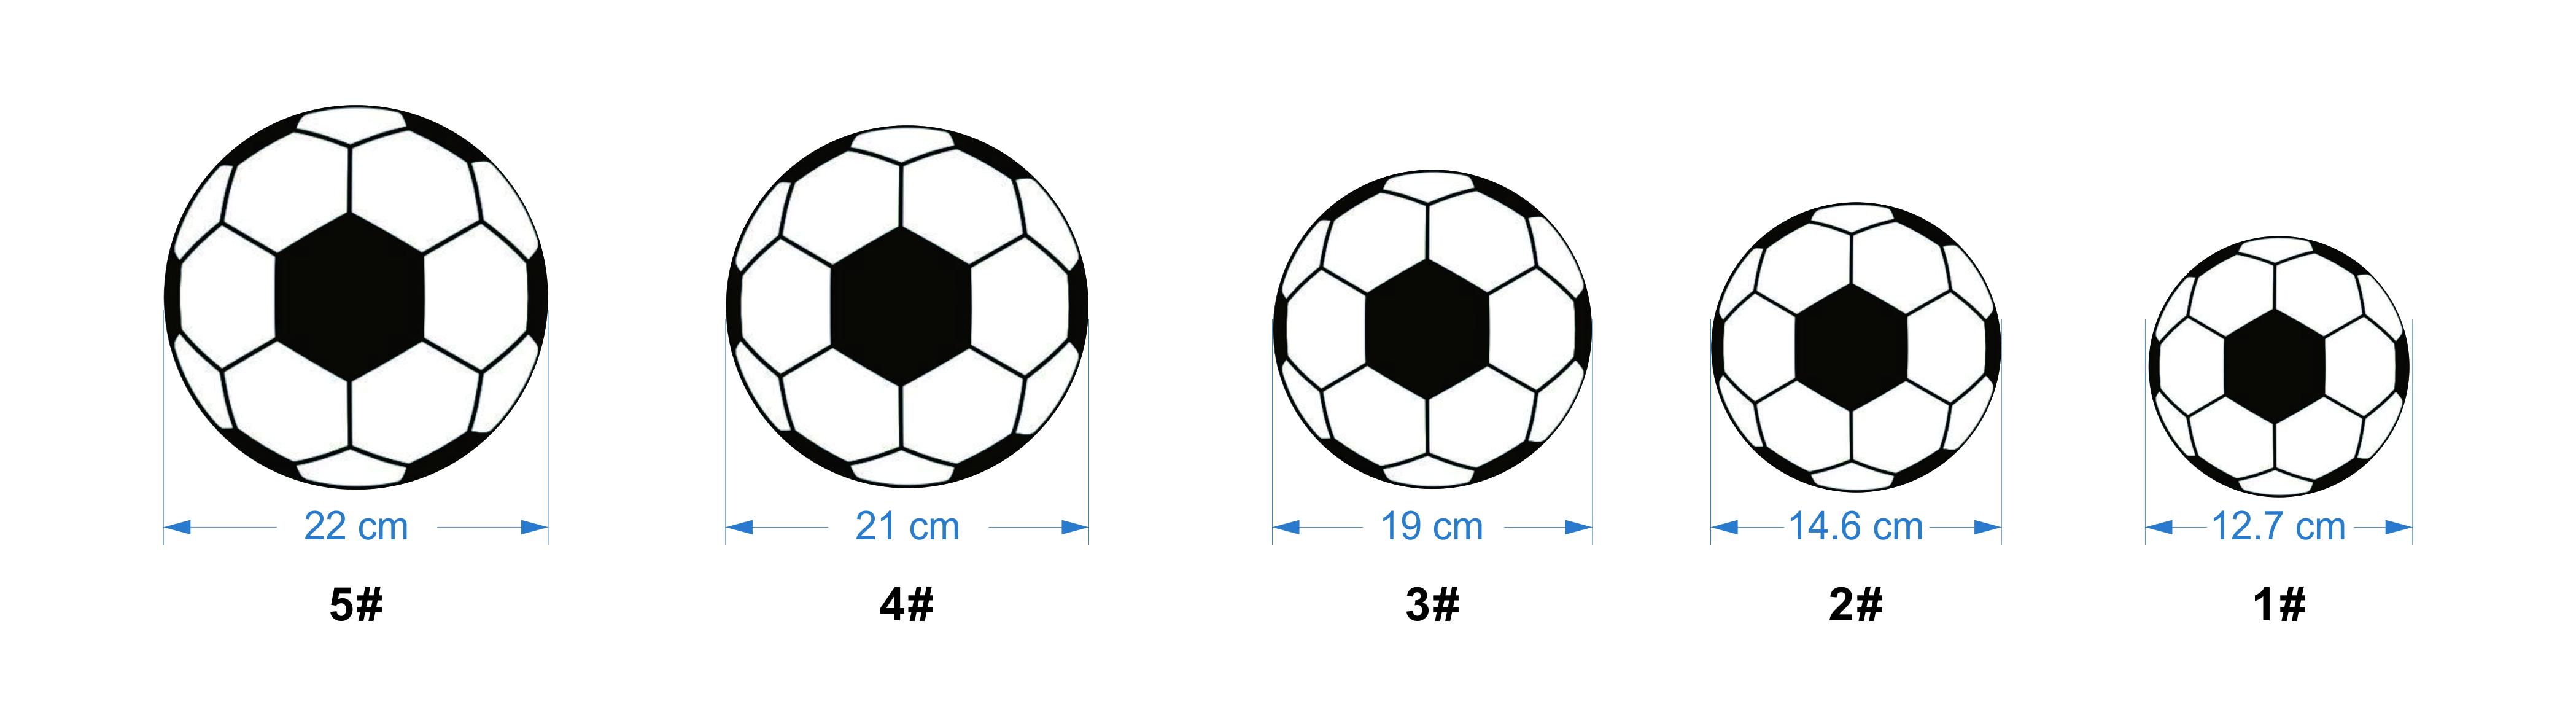 Fibra fiapos laminado bola de futebol bolas de futebol impressão personalizada baratos futebol tamanho 5 4 troféu lotes bola de futsal ao ar livre novo